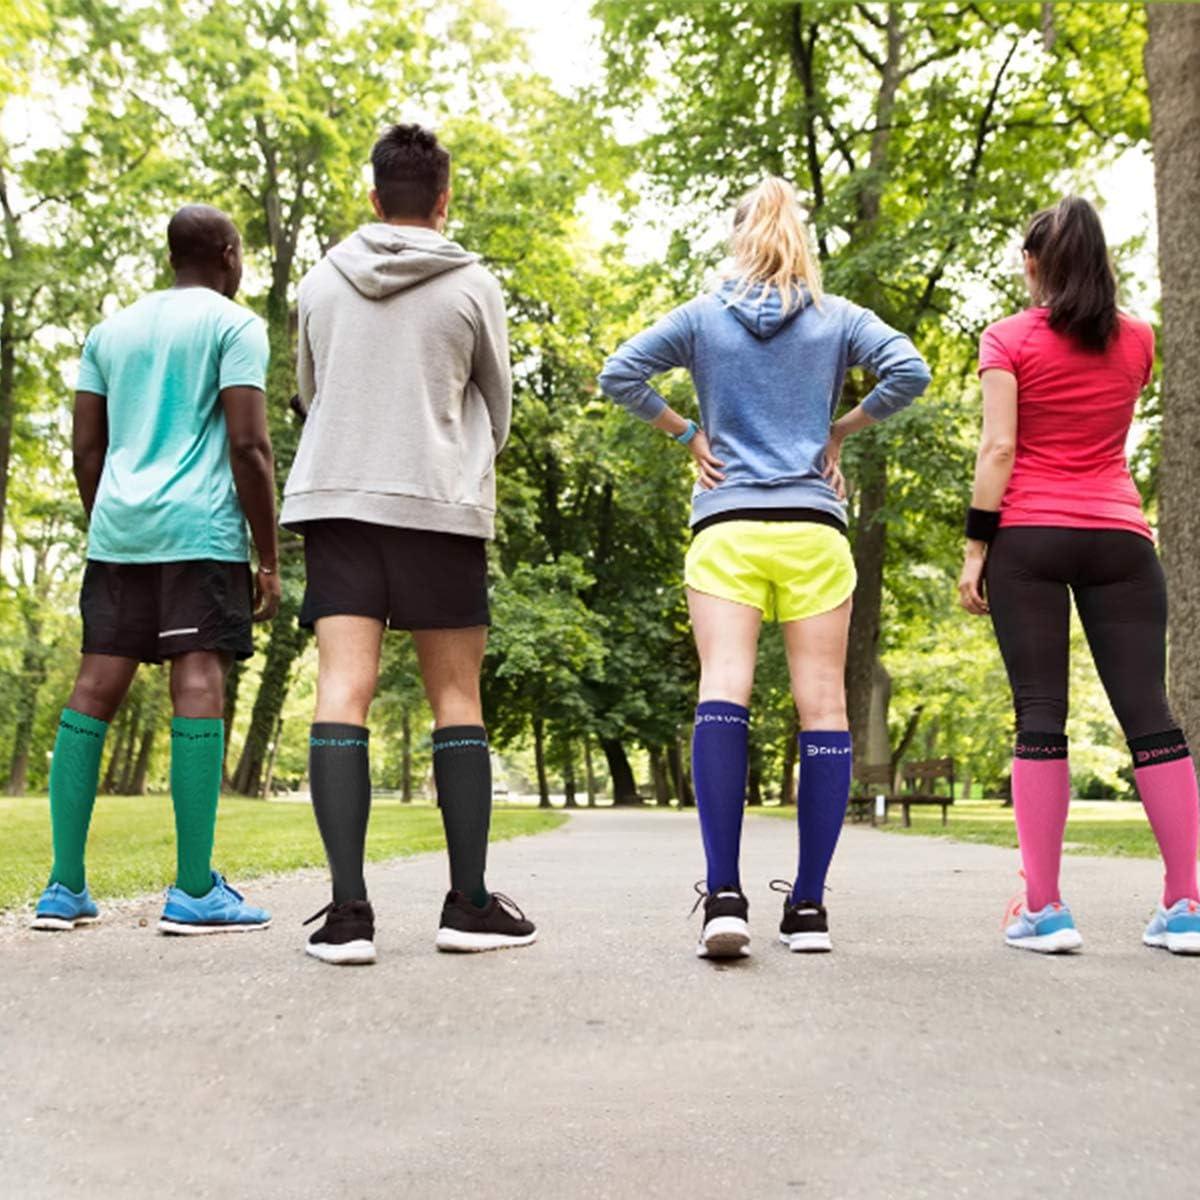 Calze a Compressione per Uomo e Donna Sindromi Tibiali Circolazione E Il Recupero DISUPPO Calze da Calcio Il Miglior Equipaggiamento per La Corsa Gravidanza Infermieri Viaggi